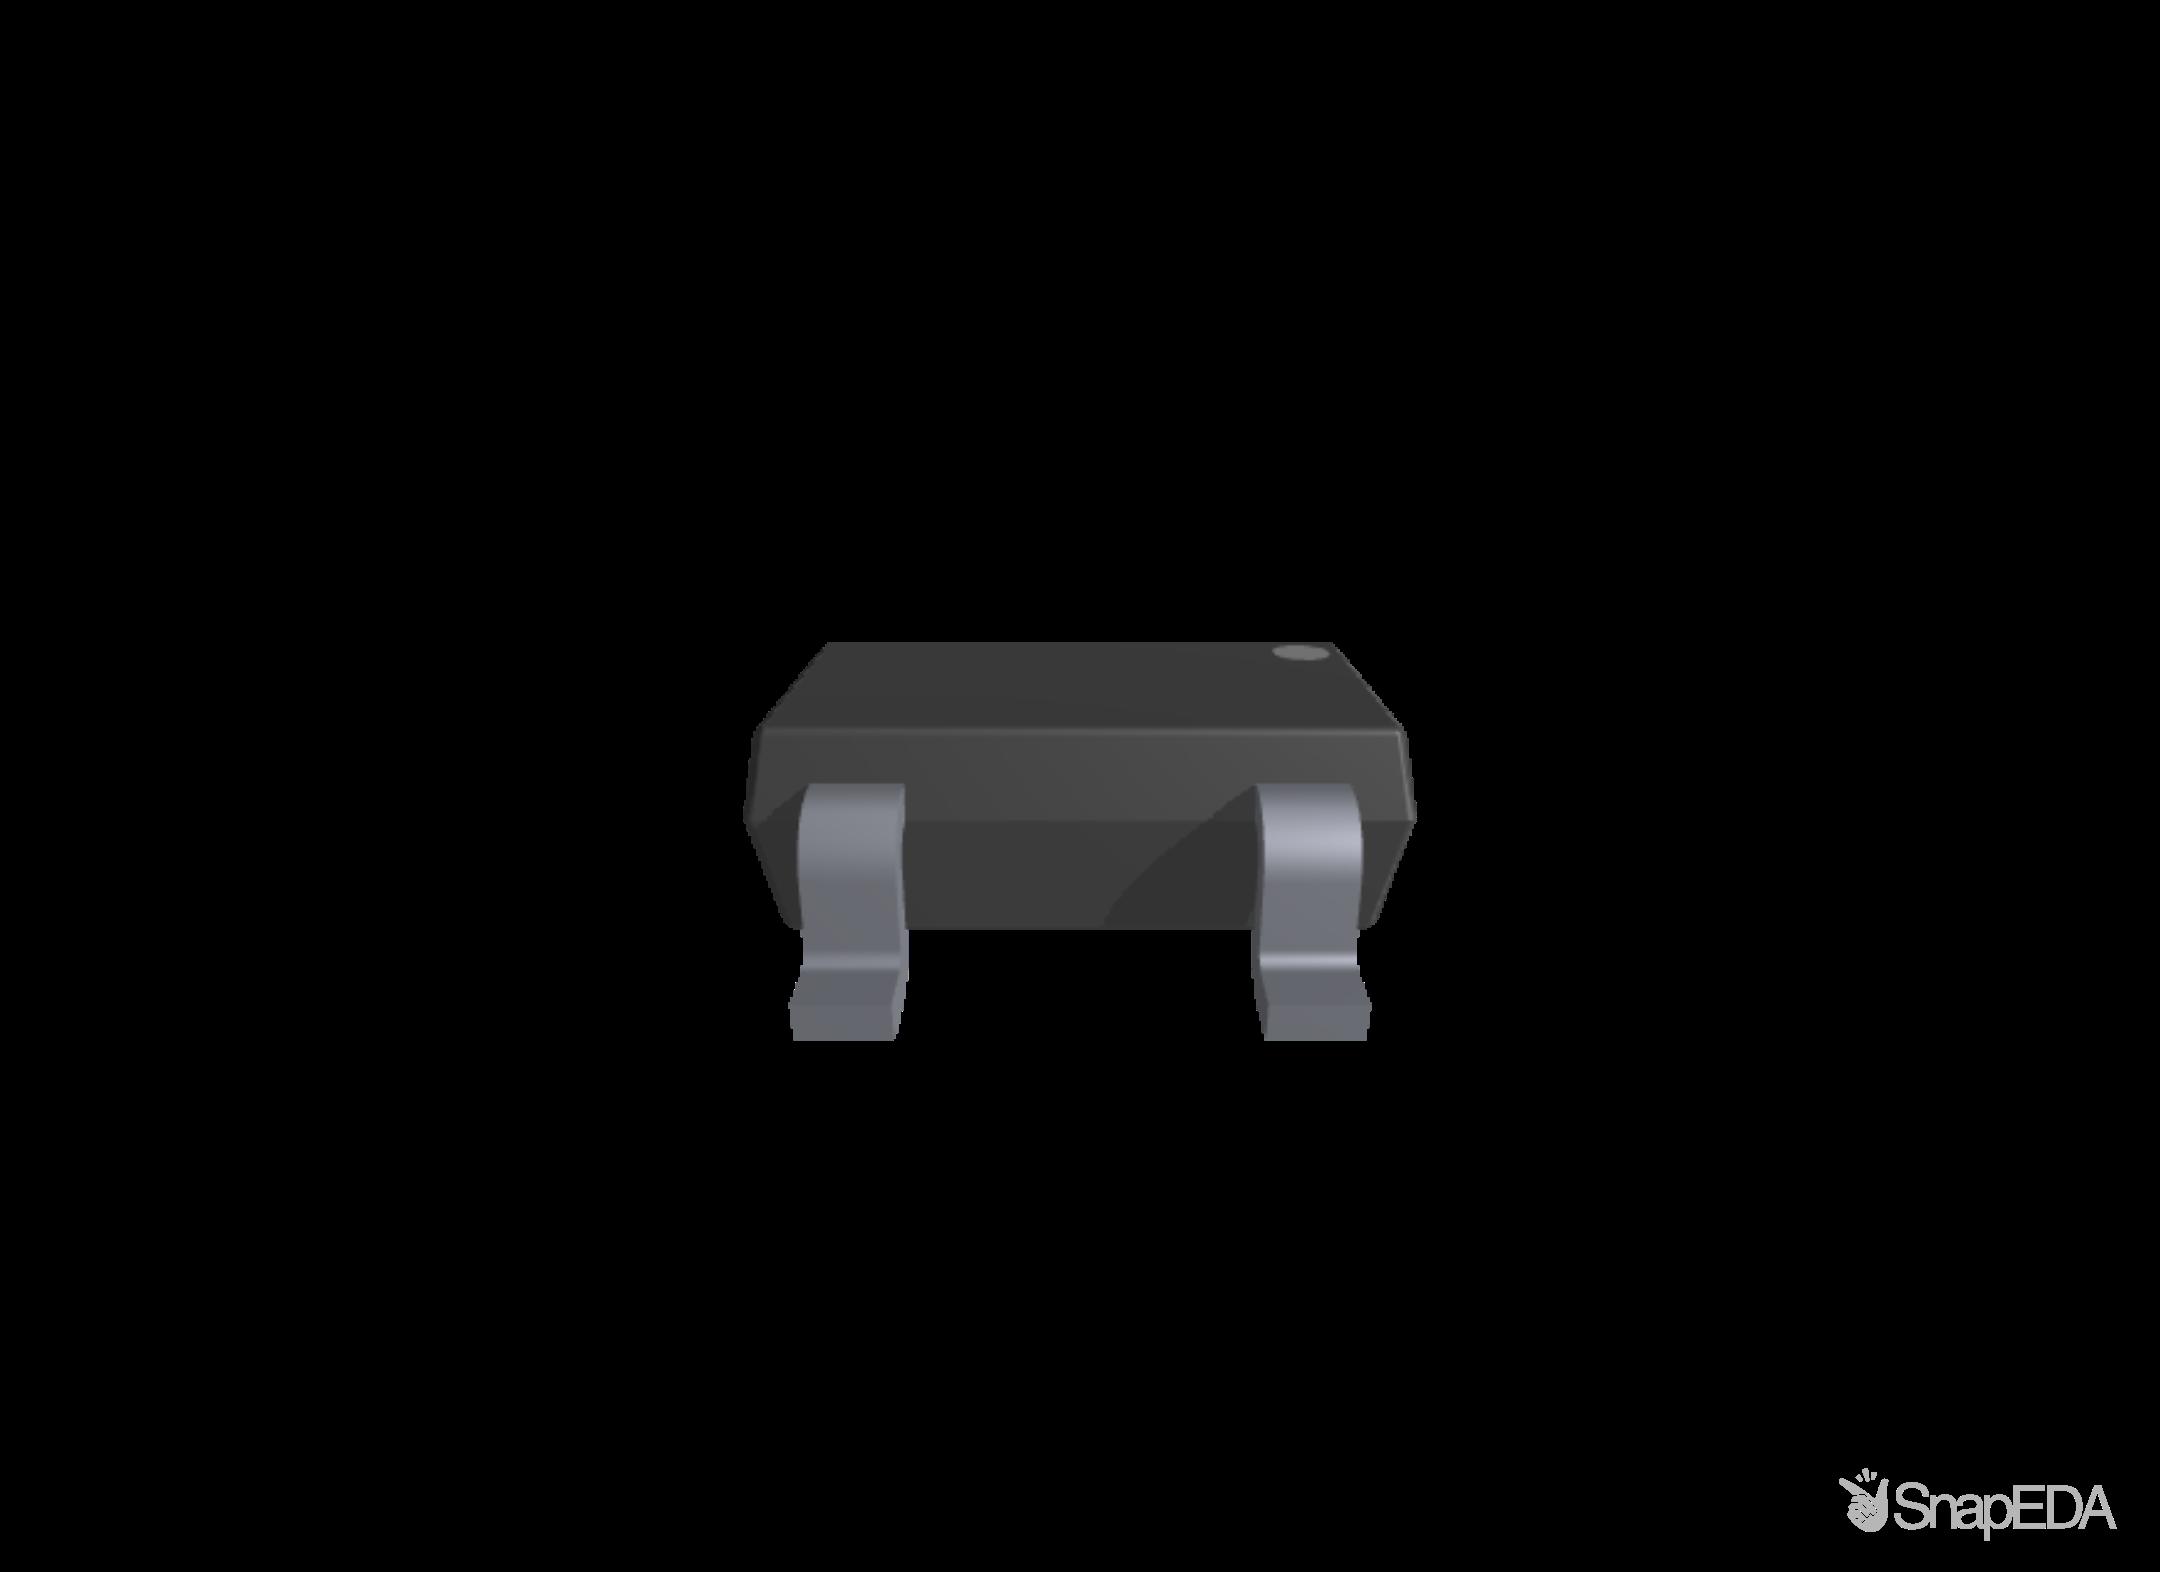 TPS79901DDCR 3D Model